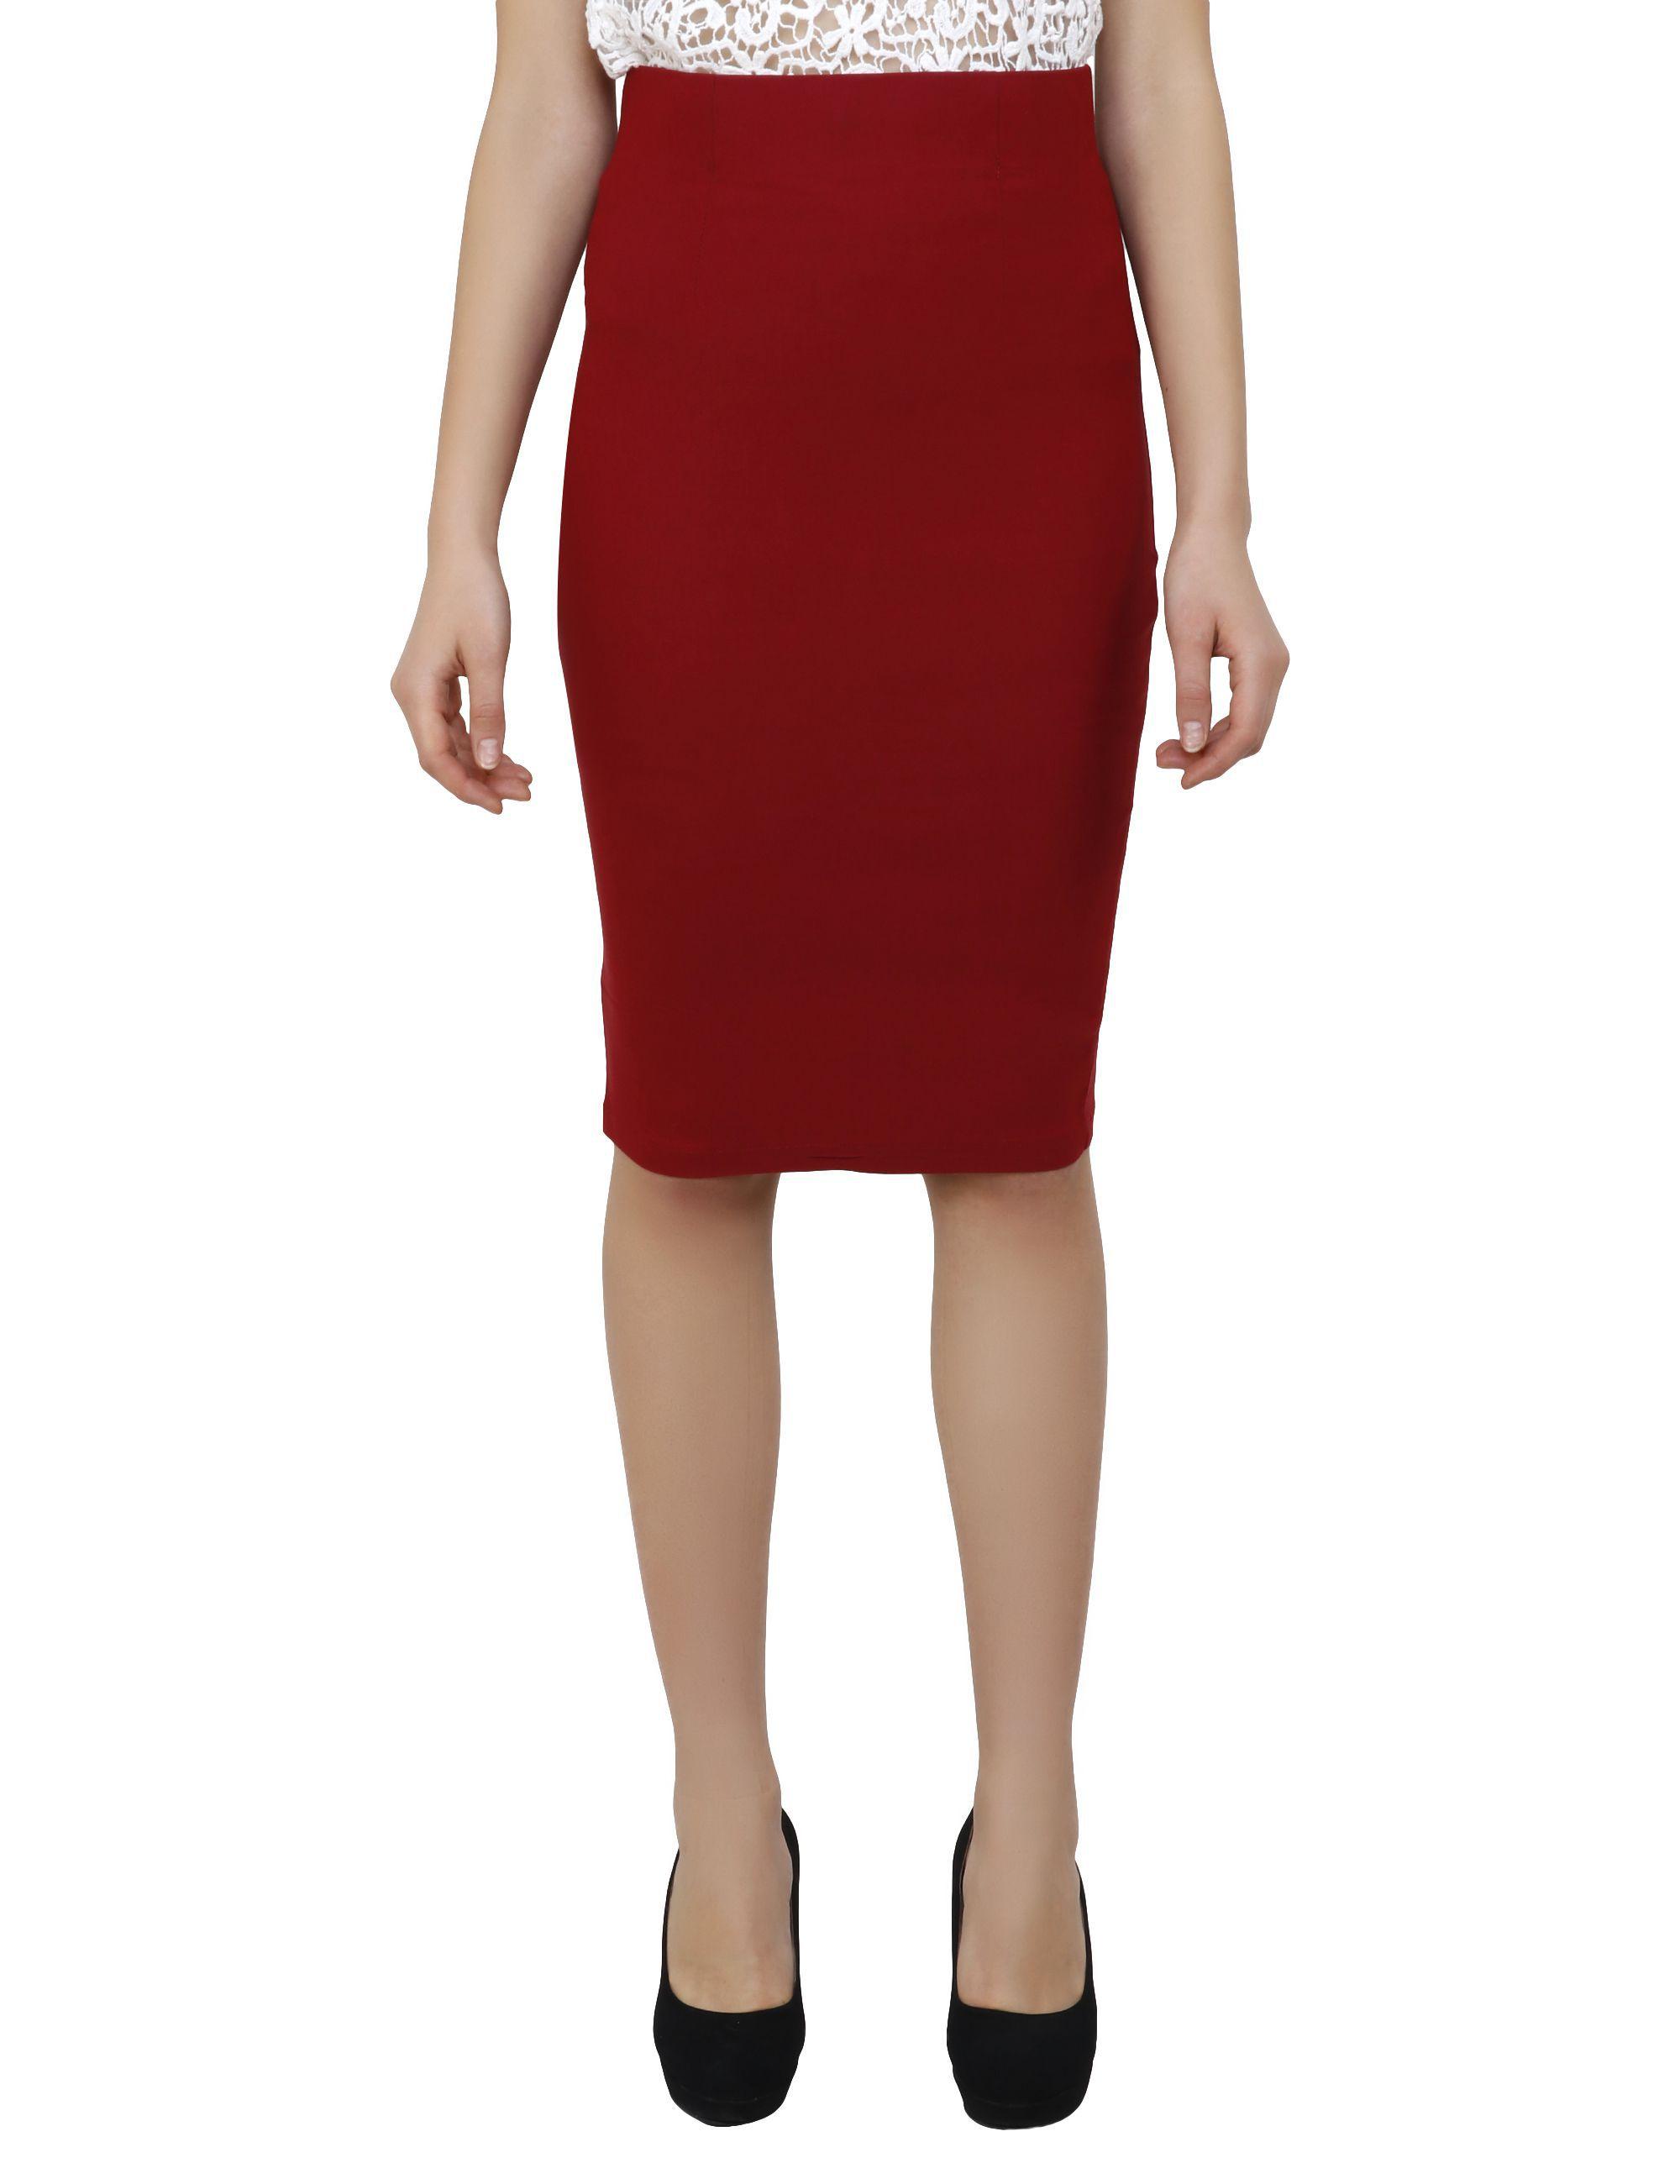 Aadrika Chiffon Pencil Skirt - Red